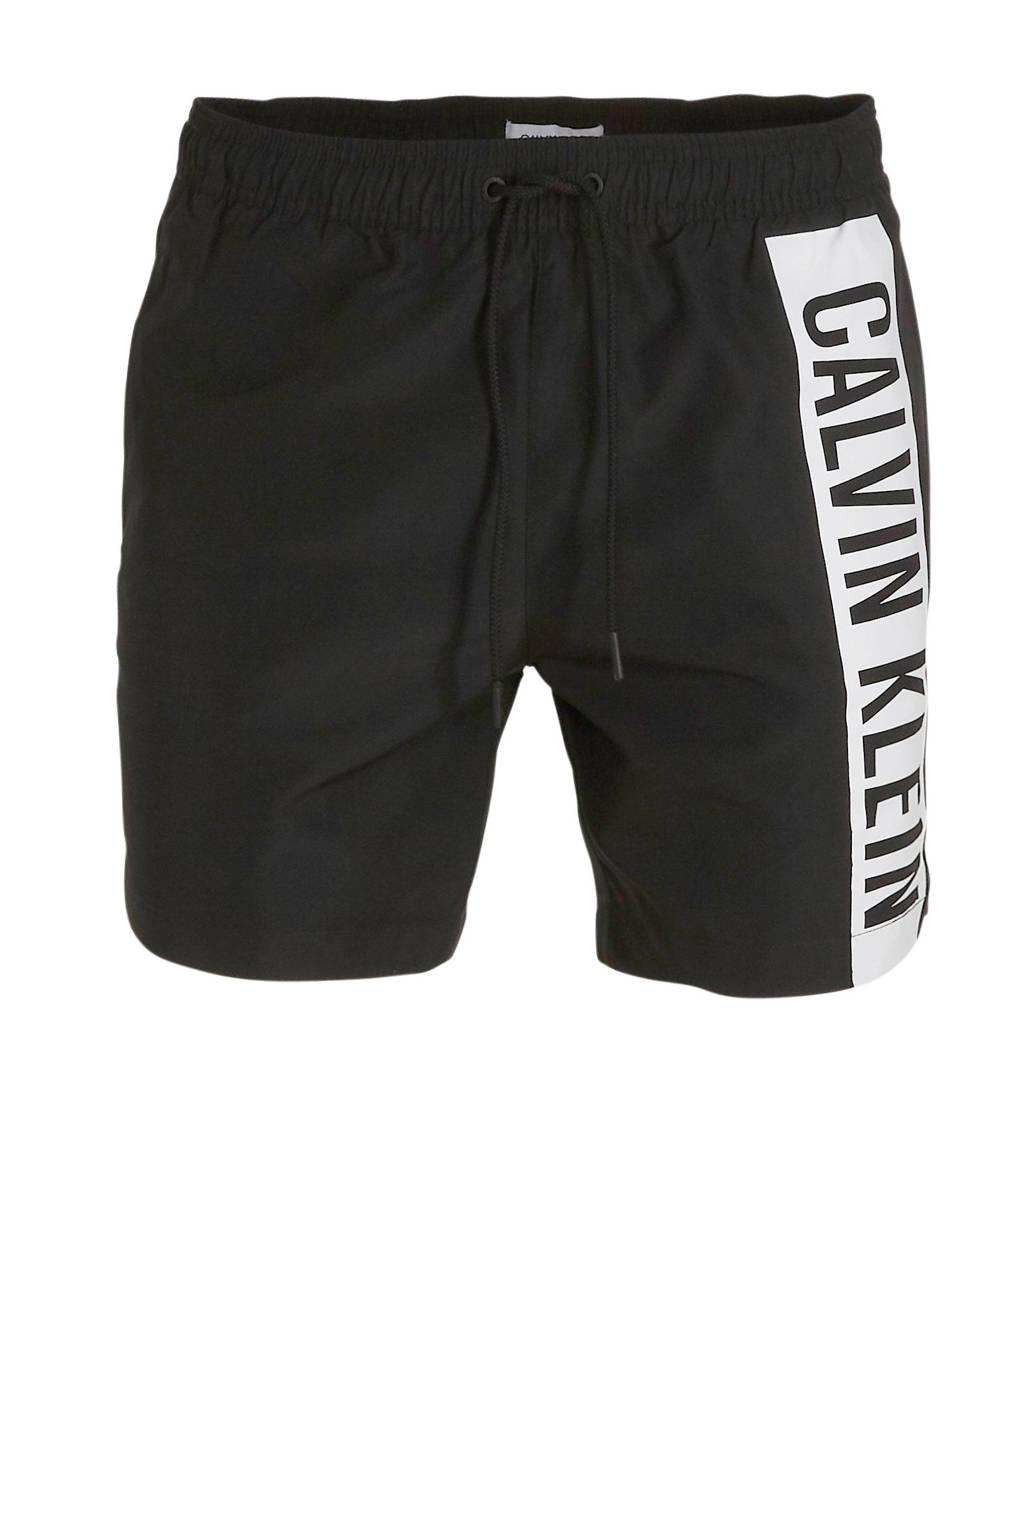 CALVIN KLEIN zwemshort zwart, Zwart